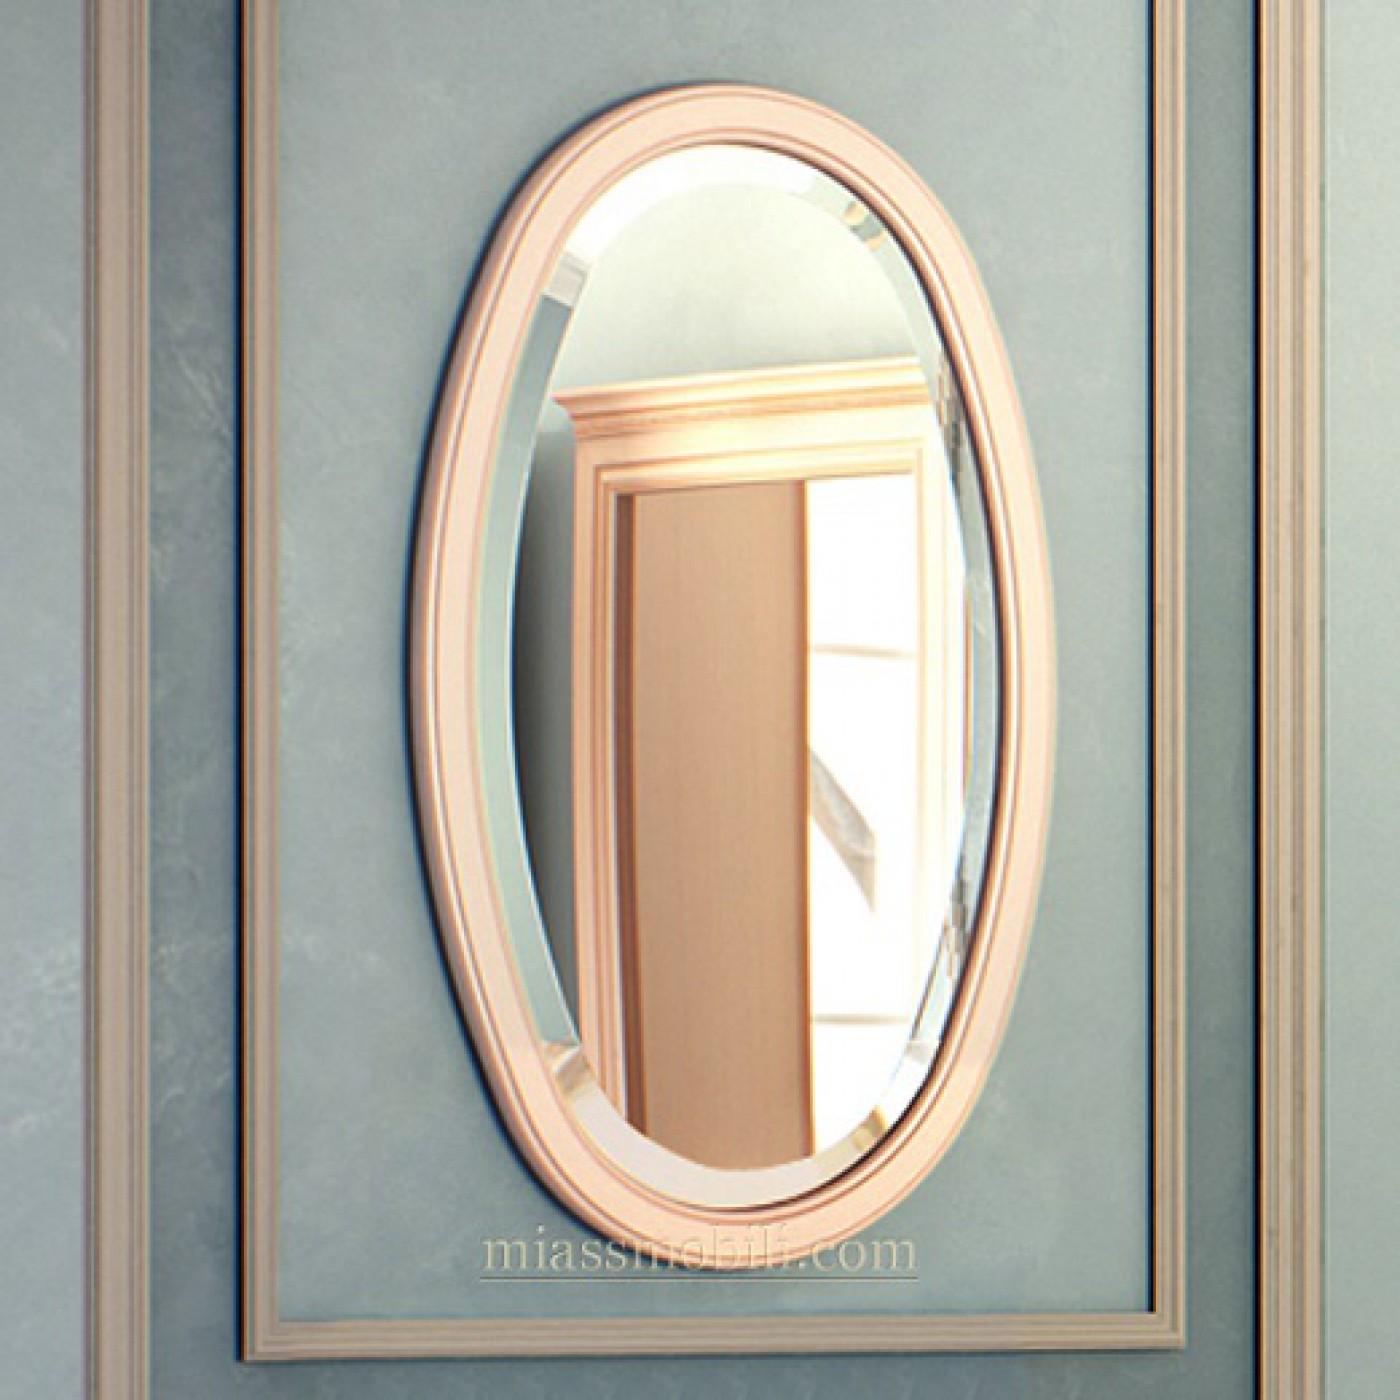 Зеркало навесное овальное к столу консольному Joconda крем